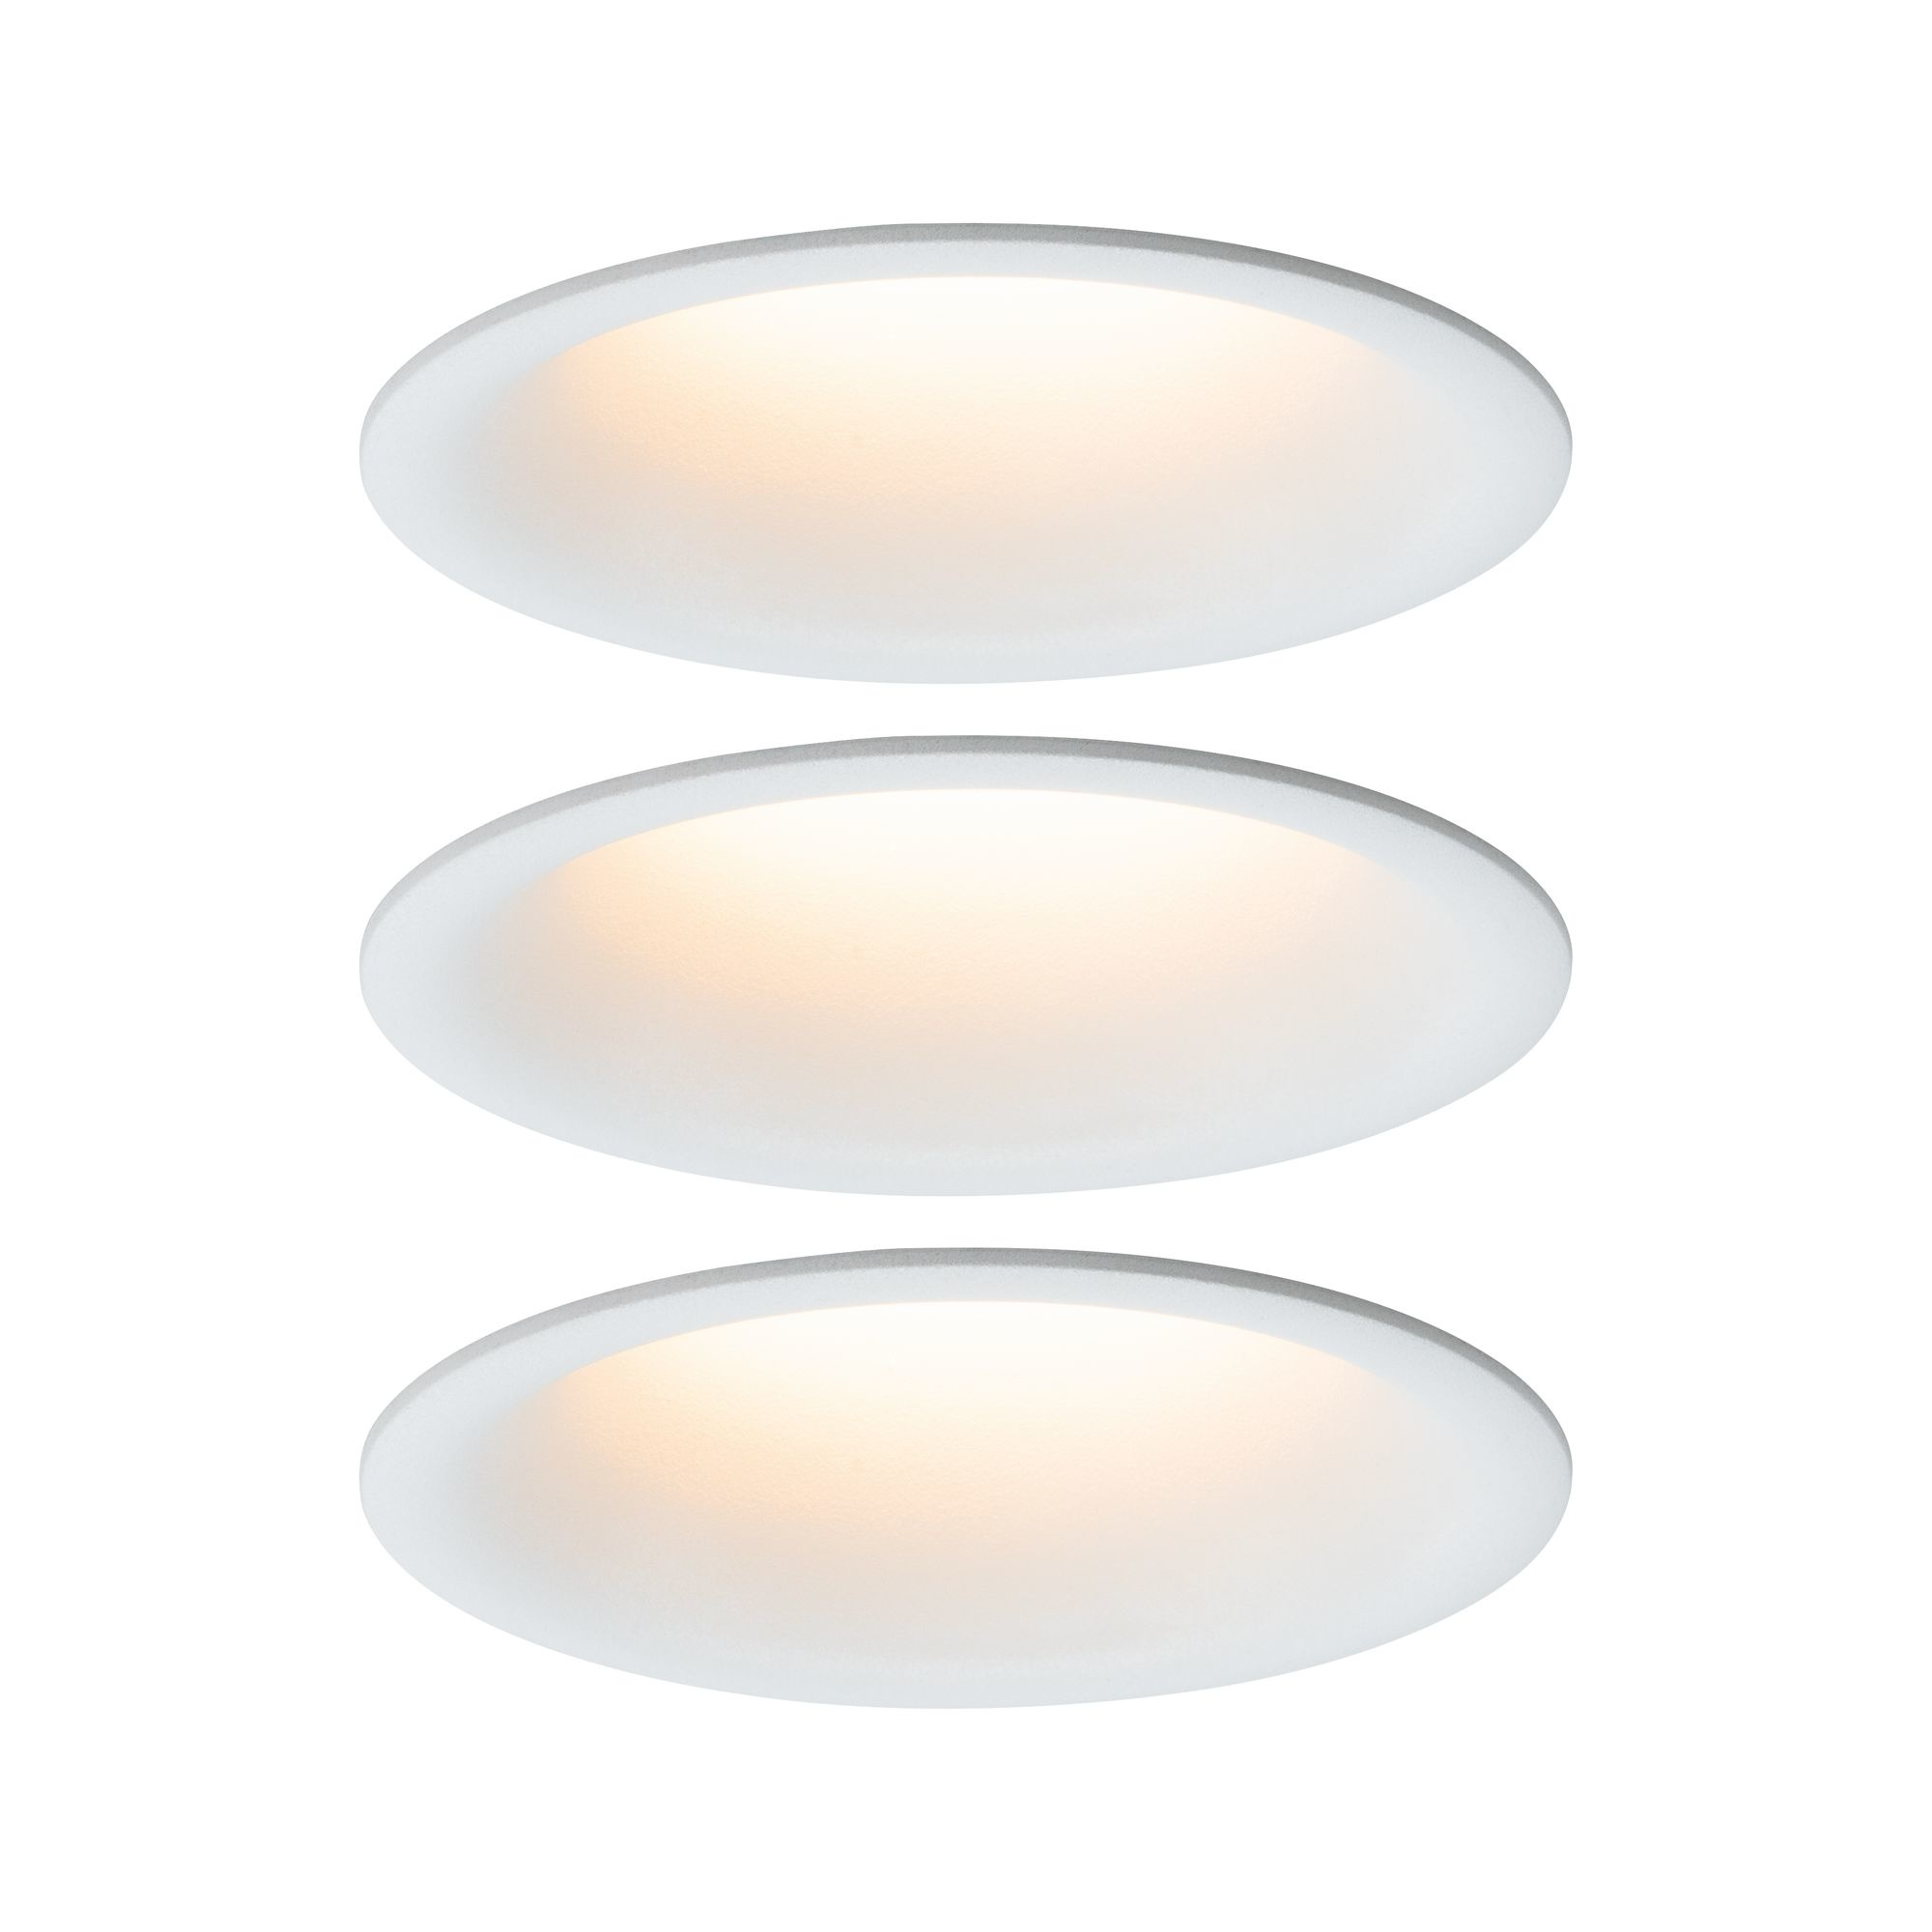 Paulmann EBL Set Cymbal Coin warmdim blendfrei3x6,5W/480lm 230V 2000-2700K Weiß matt